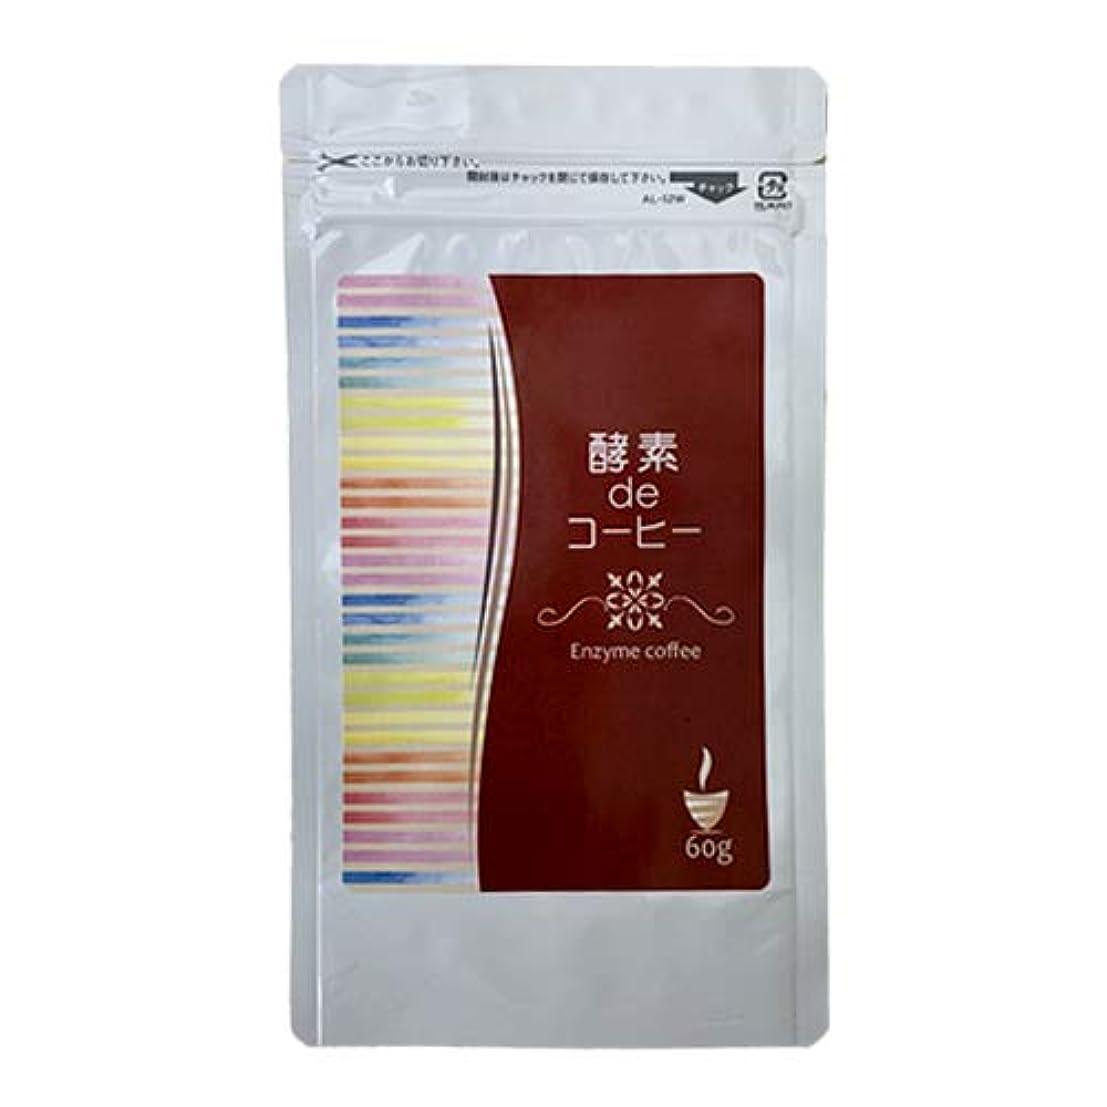 永久みがきます価格酵素deコーヒー